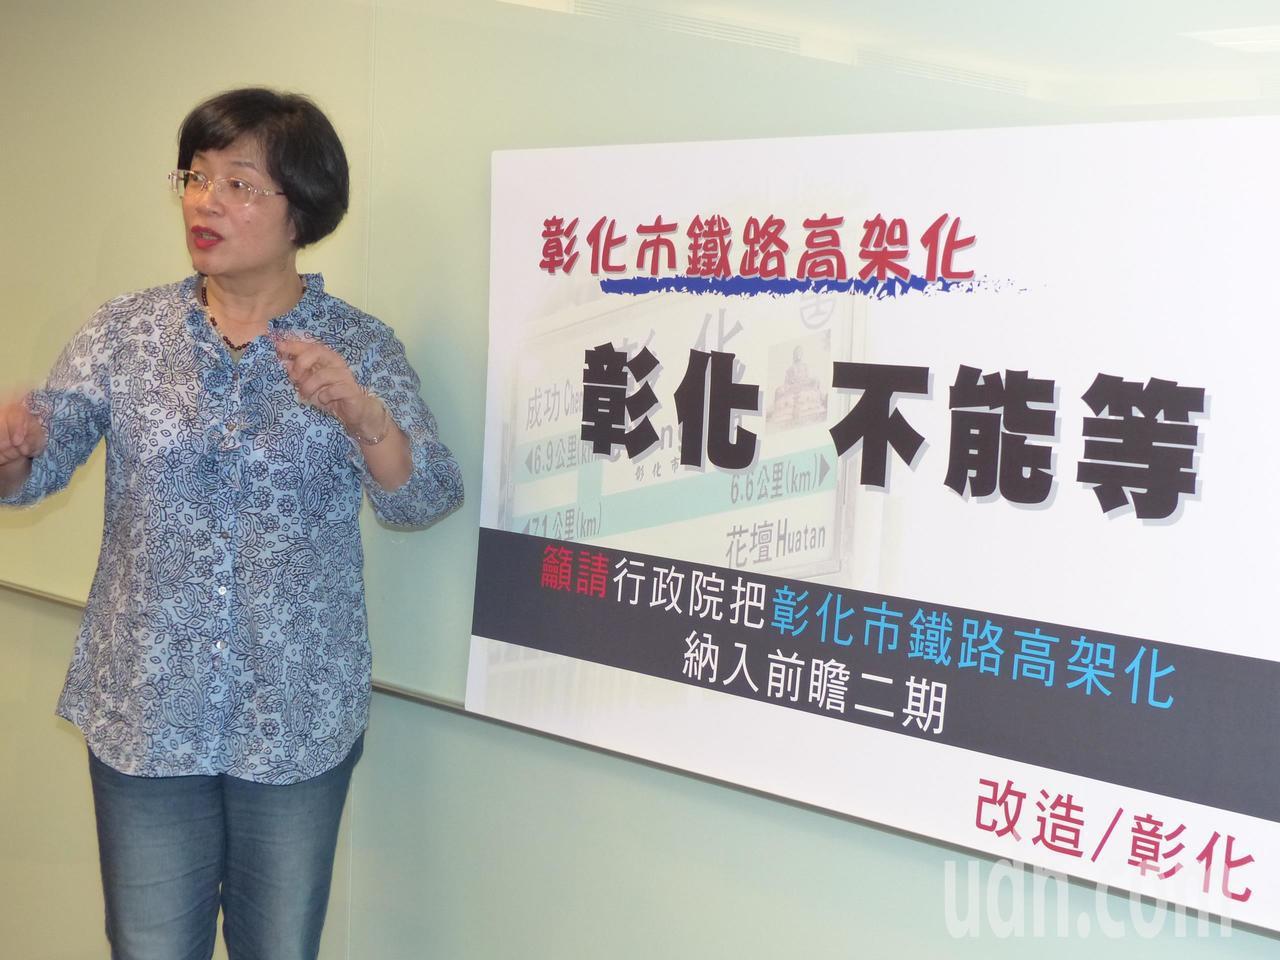 林錫耀批評惠美阻撓前瞻預算,對此,王惠美今回應,她反對前瞻是因第一期預算中,彰化...